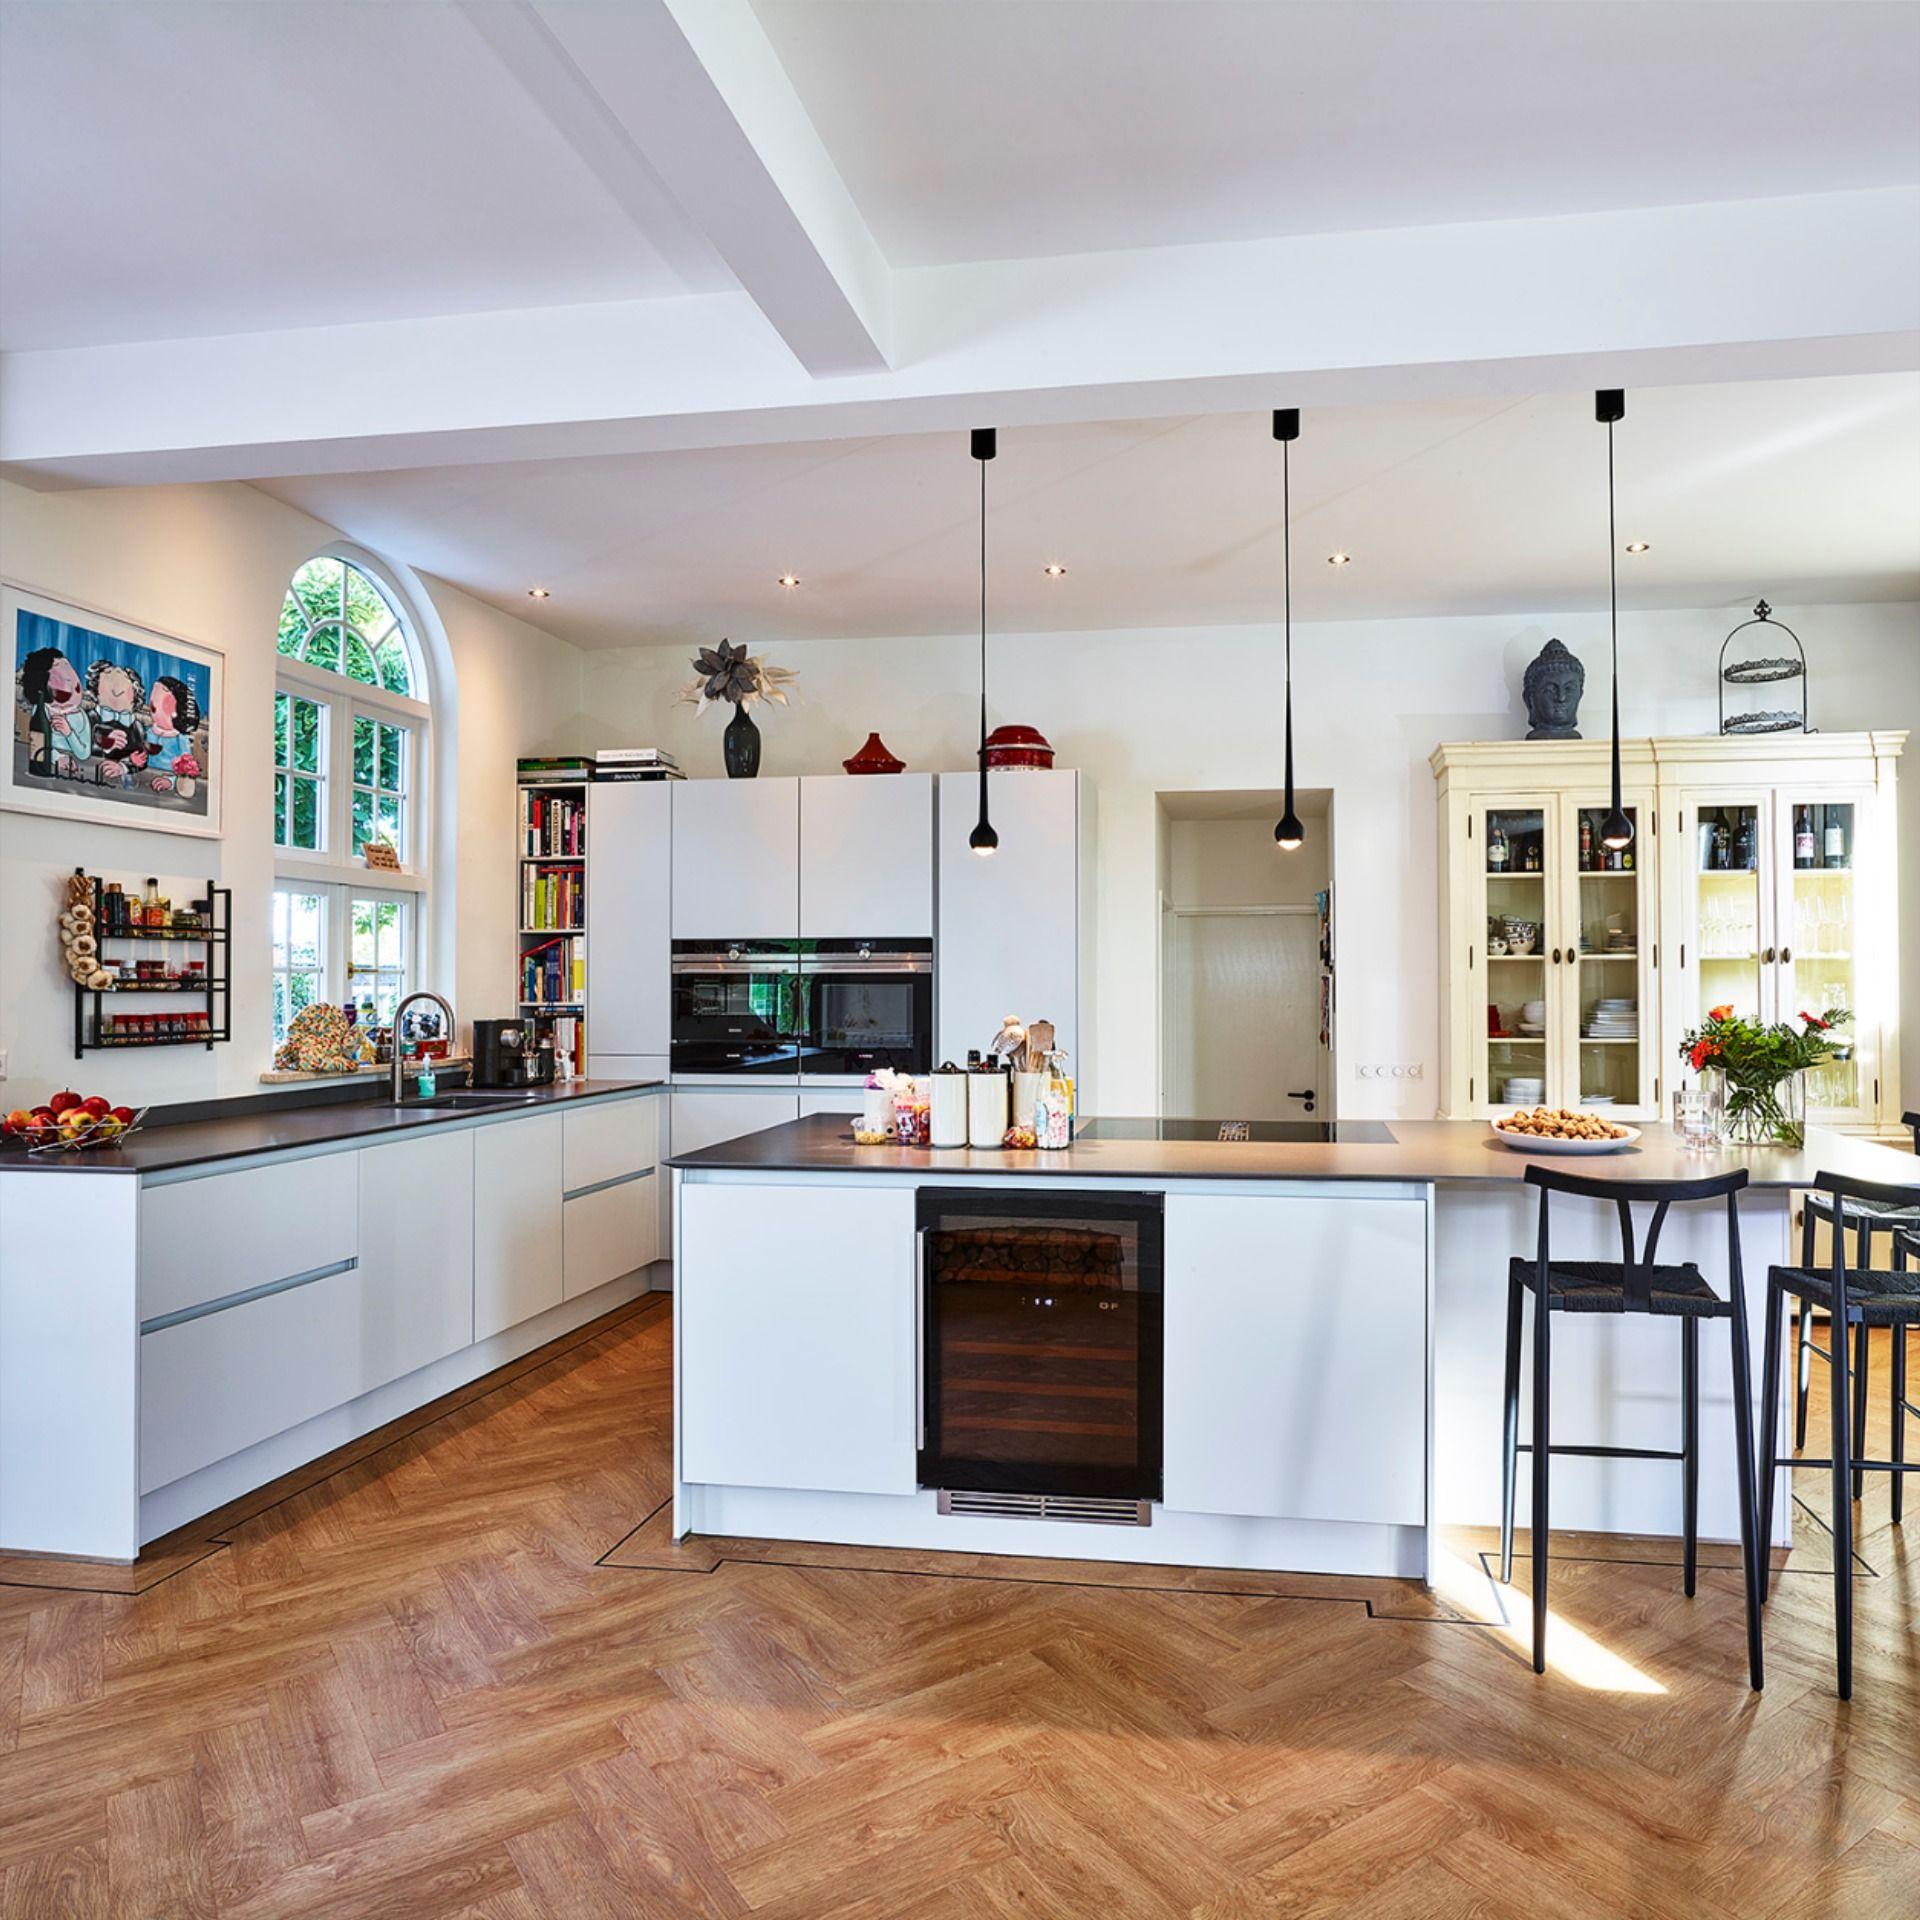 Een Kwaliteitskeuken Voor Een Faire Prijs Keuken Inspiratie Keuken Interieur Keuken Idee